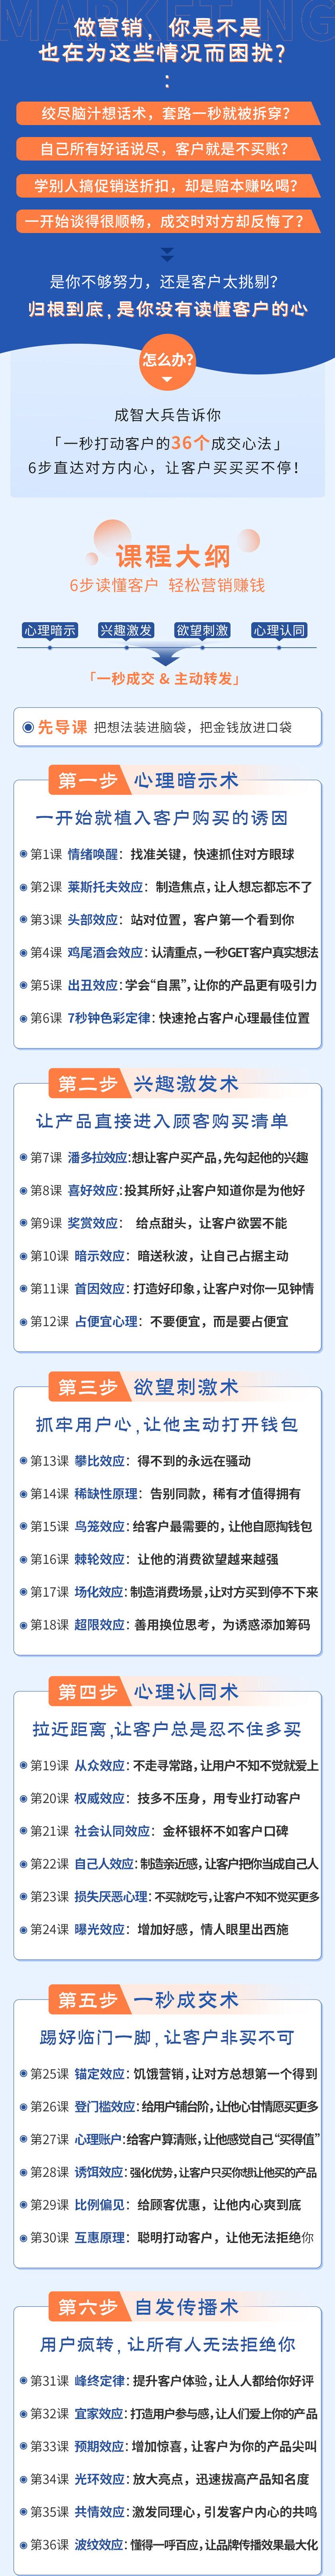 吴晓波力荐:一秒打动客户的36个购买心理,销售/文案/广告全适用